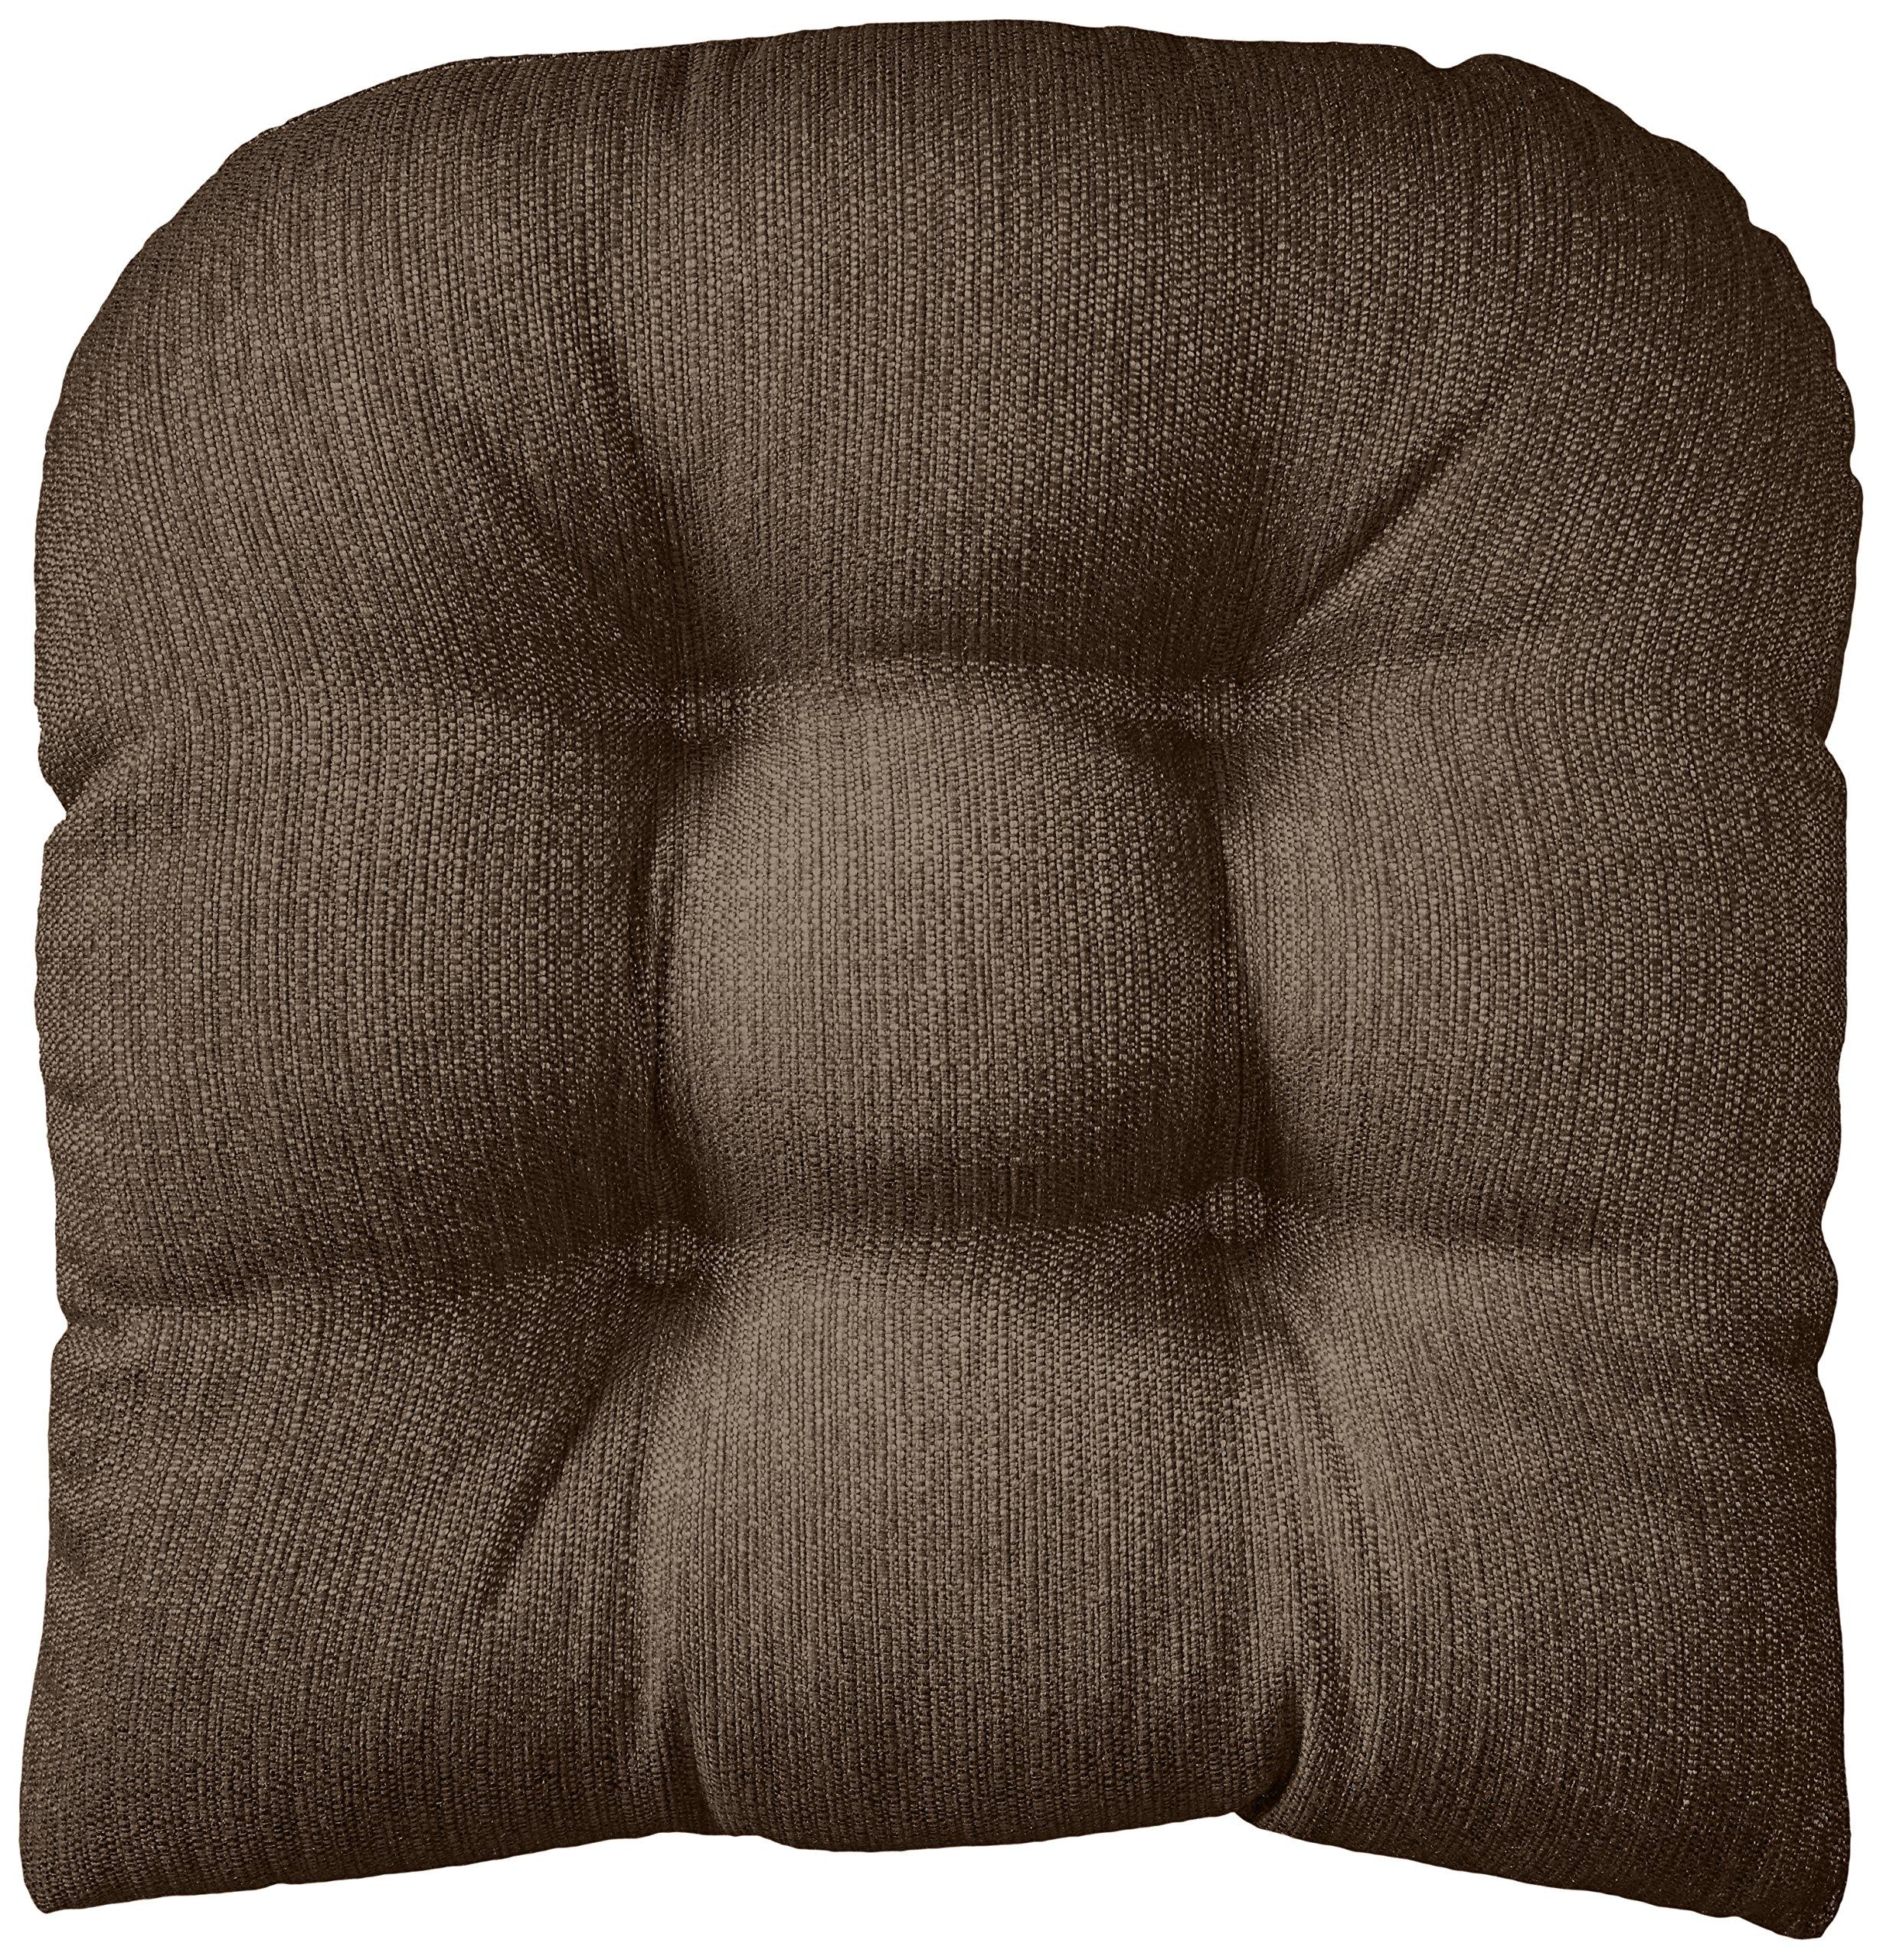 Klear Vu Gripper Non-Slip Omega Tufted Universal Chair Cushion, 17'' x 17'', Chestnut